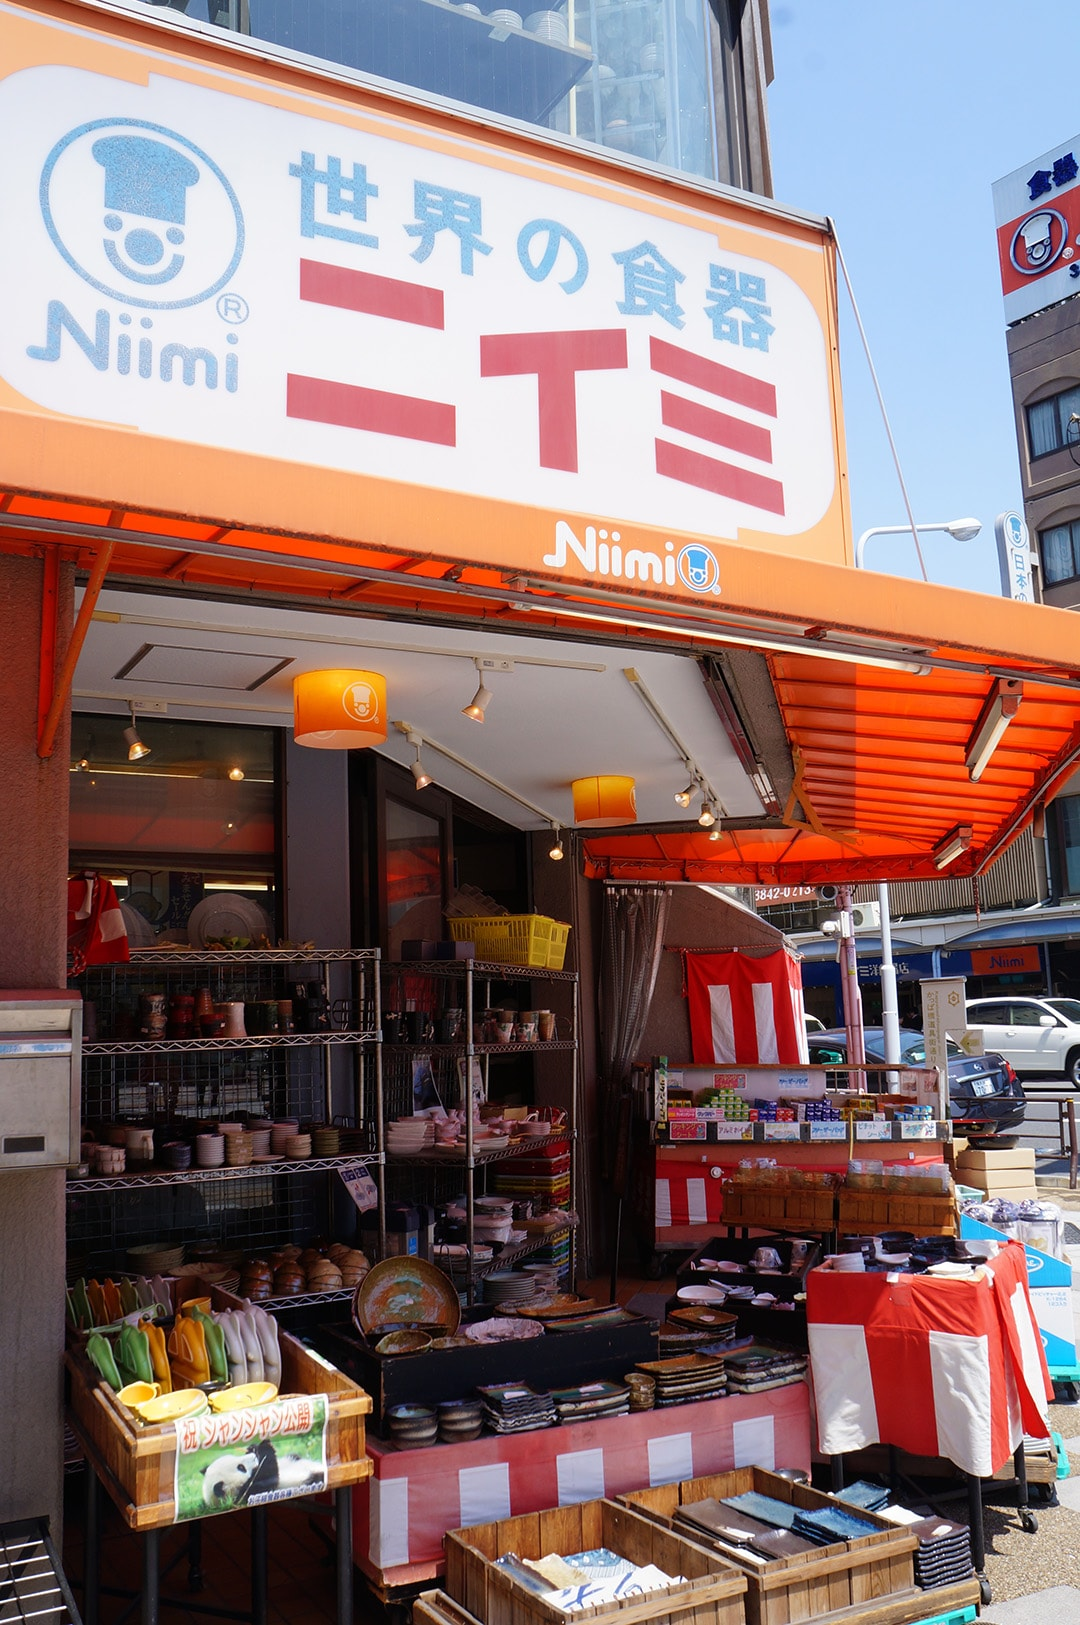 お店の看板・巨大コック像が商店街のシンボルに! ニイミ洋食器店